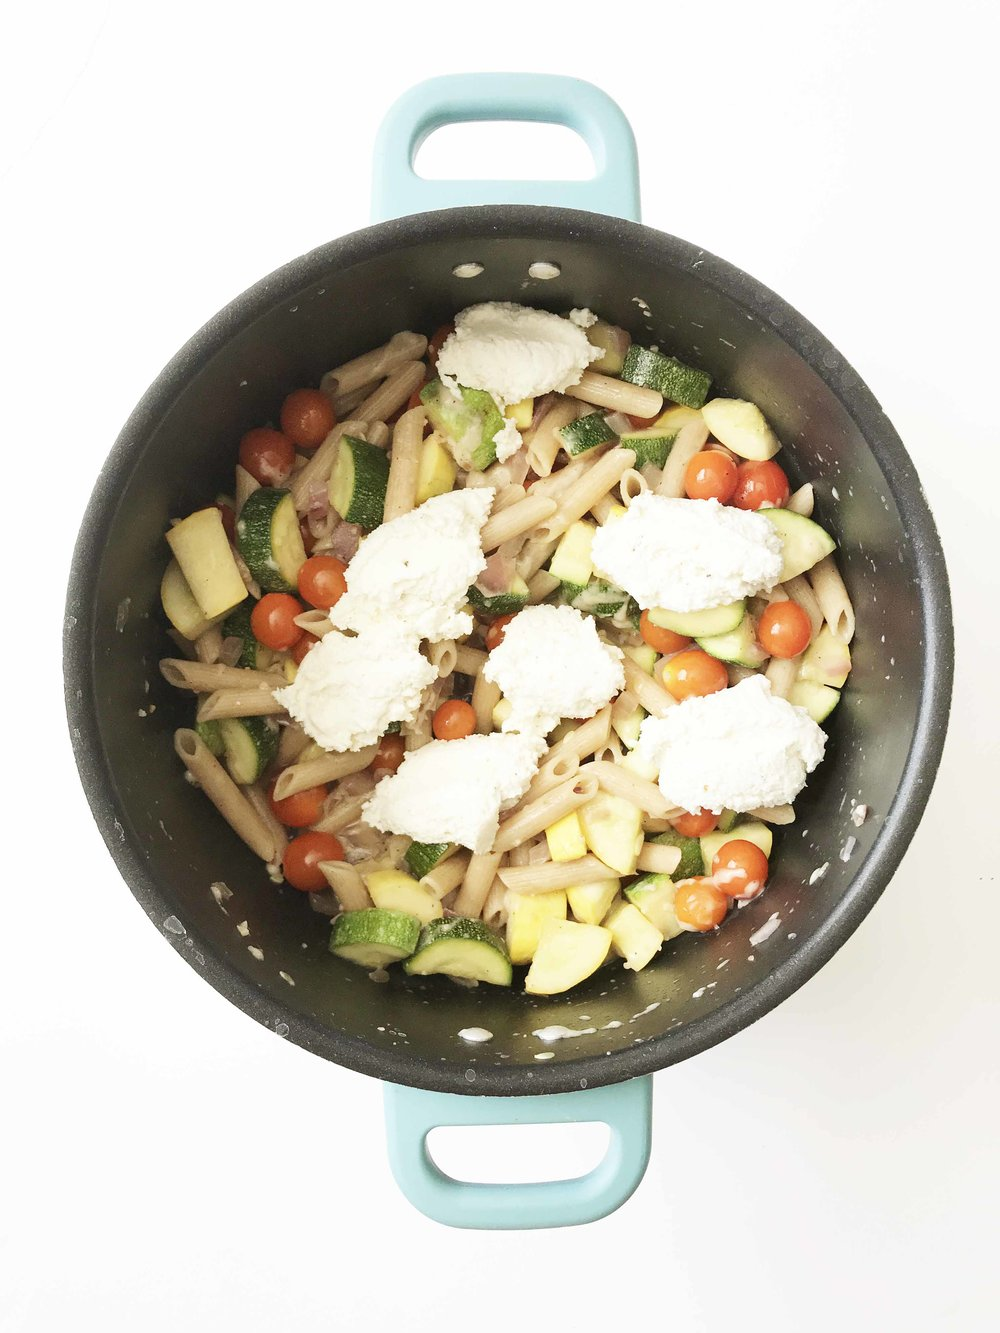 summer-squash-ricotta-pasta11.jpg